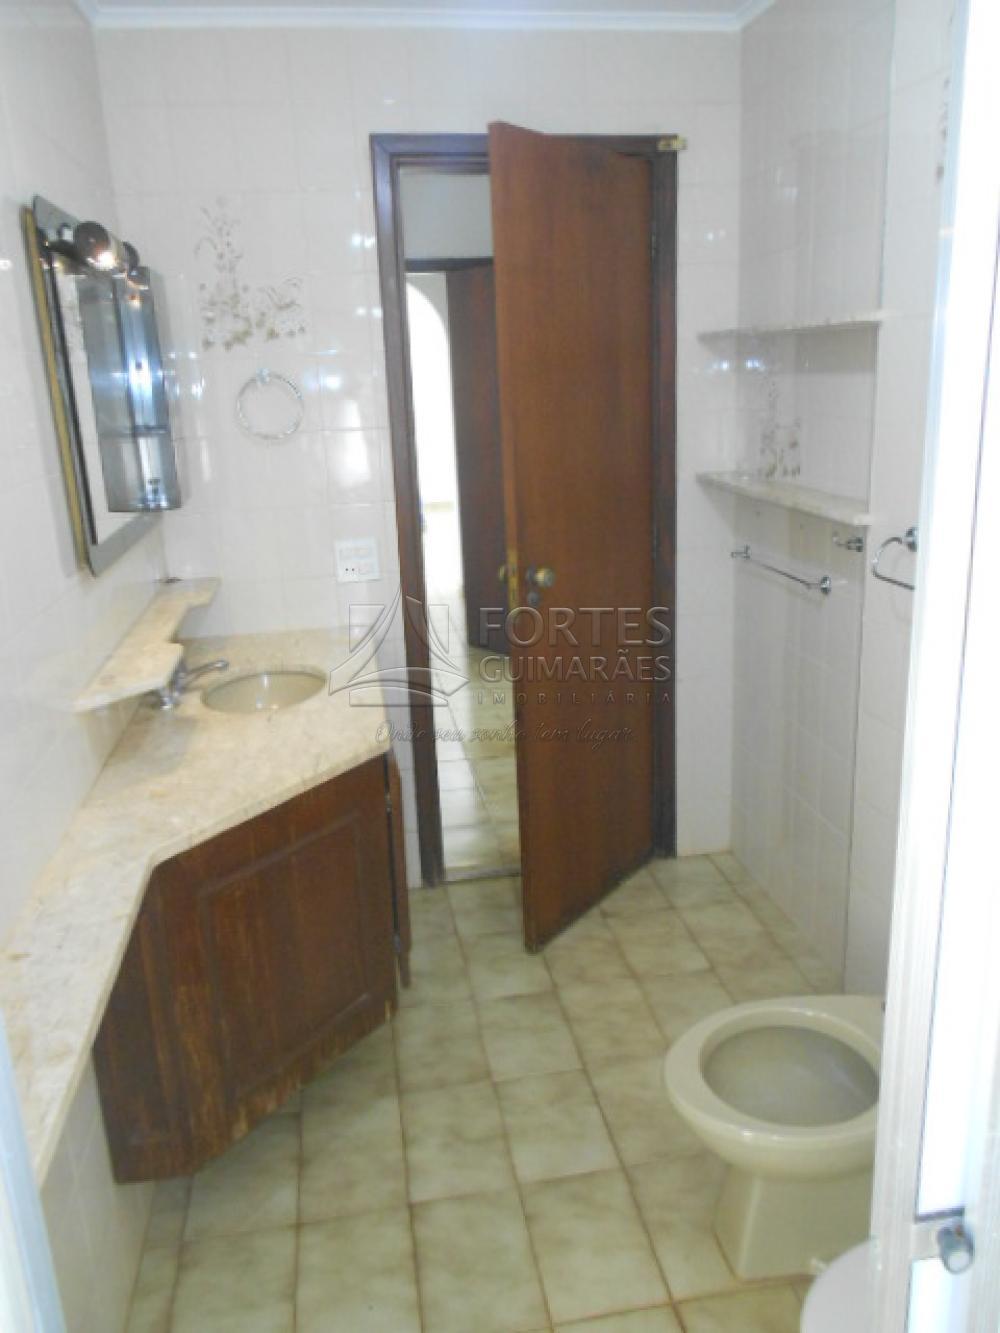 Alugar Apartamentos / Padrão em Ribeirão Preto apenas R$ 1.250,00 - Foto 46